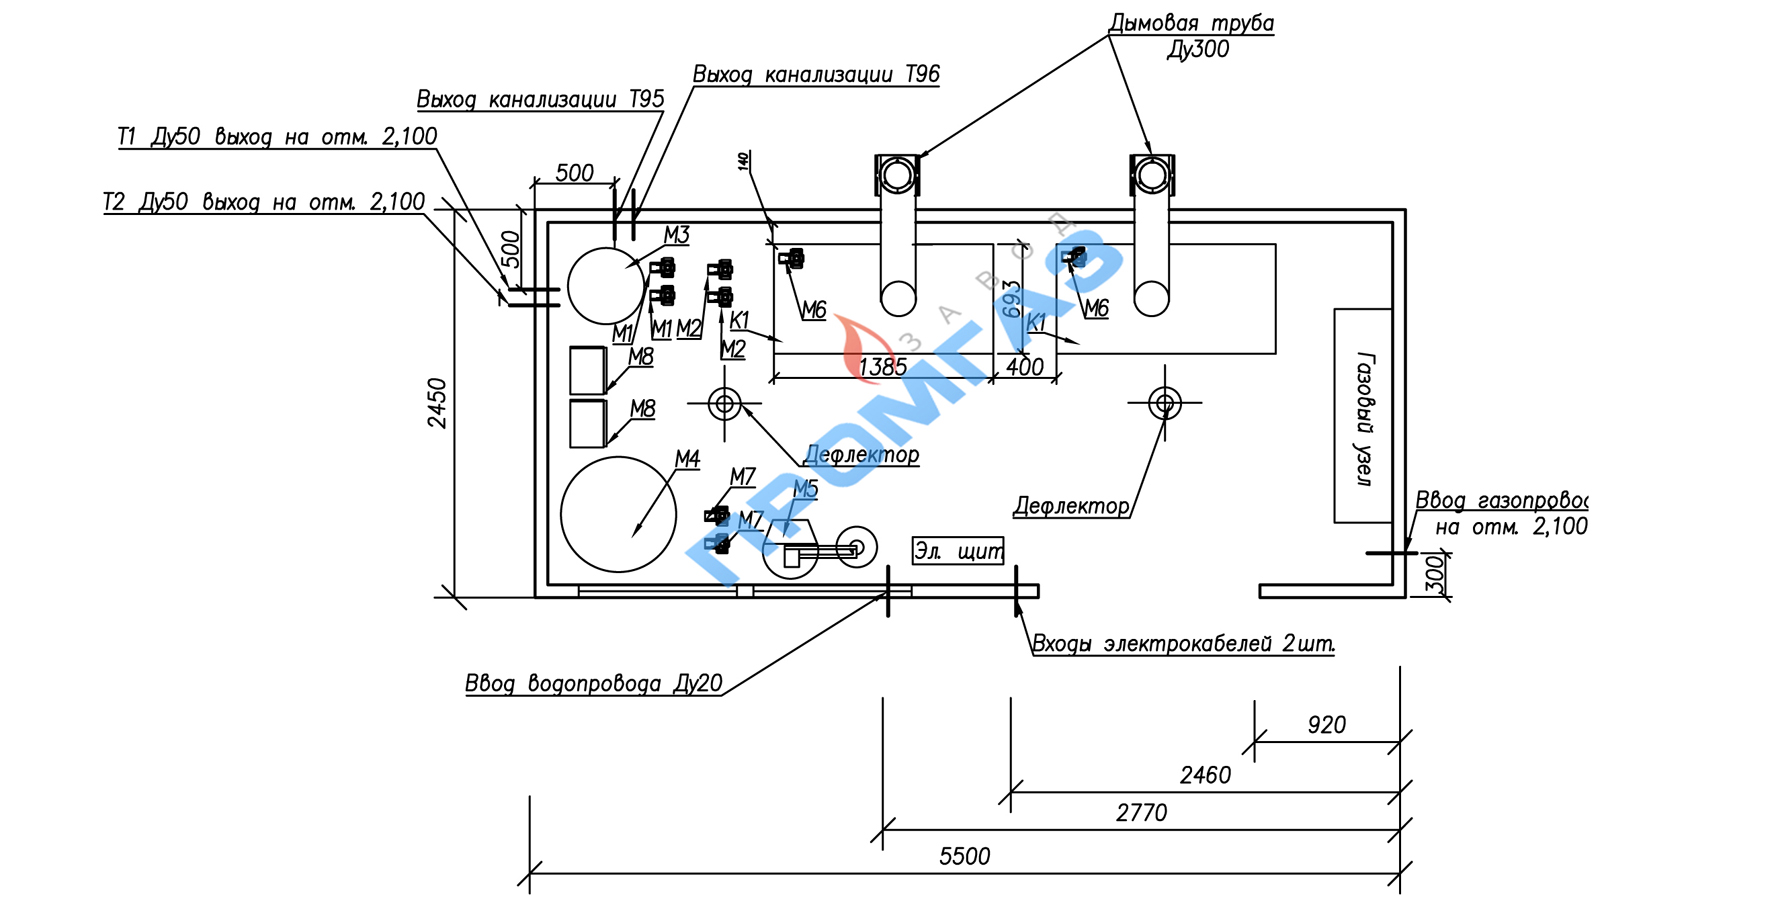 Схема расположения технологического оборудования ТКУ-300 с ГВС и атмосферной горелкой